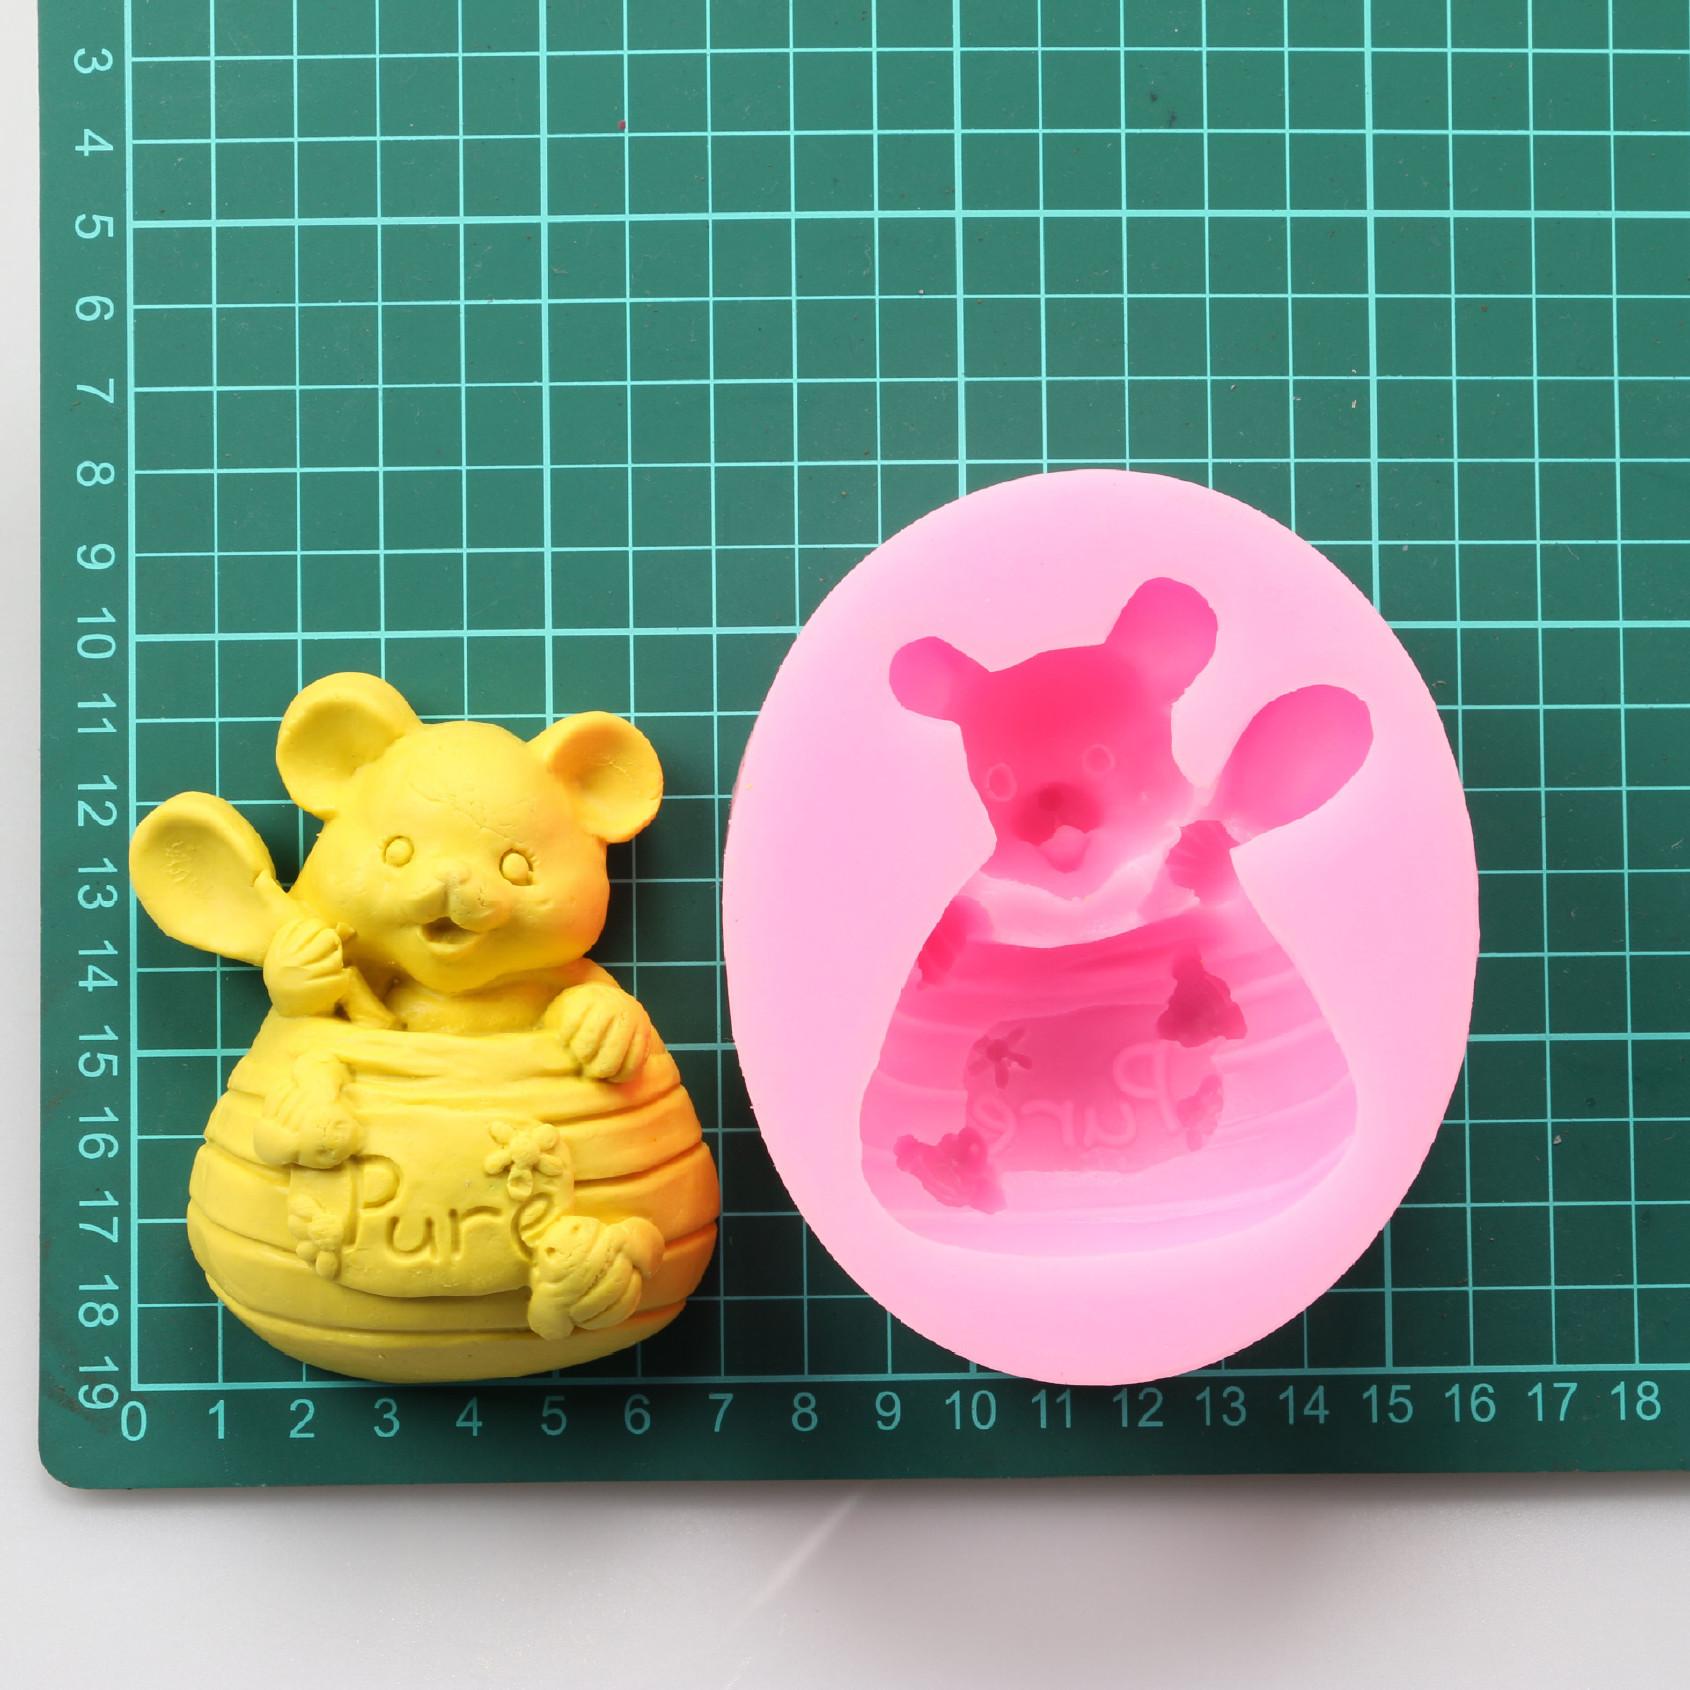 月饼玫瑰花立体皂diy视频冰激凌母乳肥皂冷制针絎手工图片